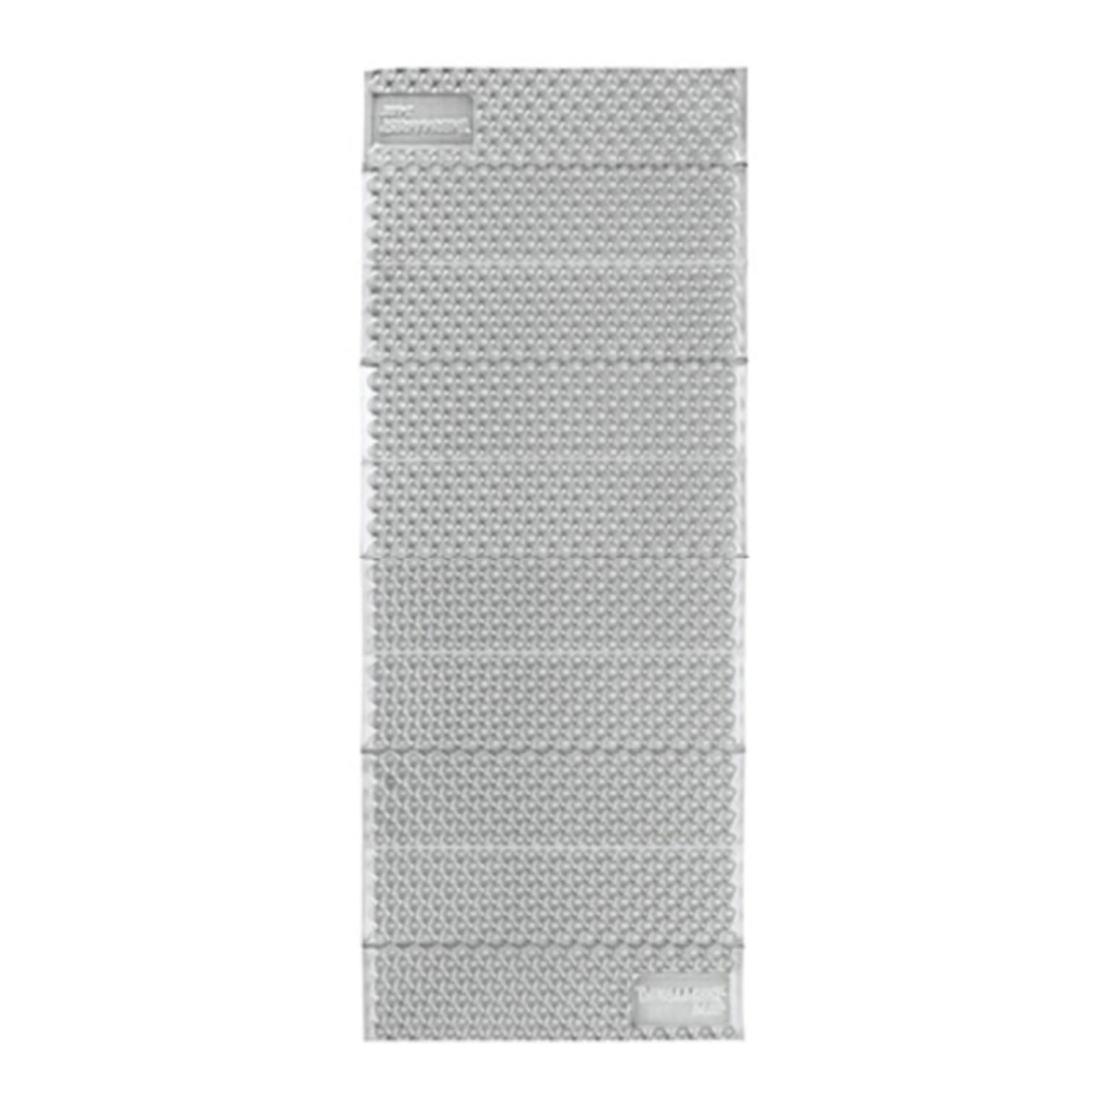 サーマレスト Z ライトソル レモン/シルバー S Zライトソル スモール マットレス  国内正規品 30669